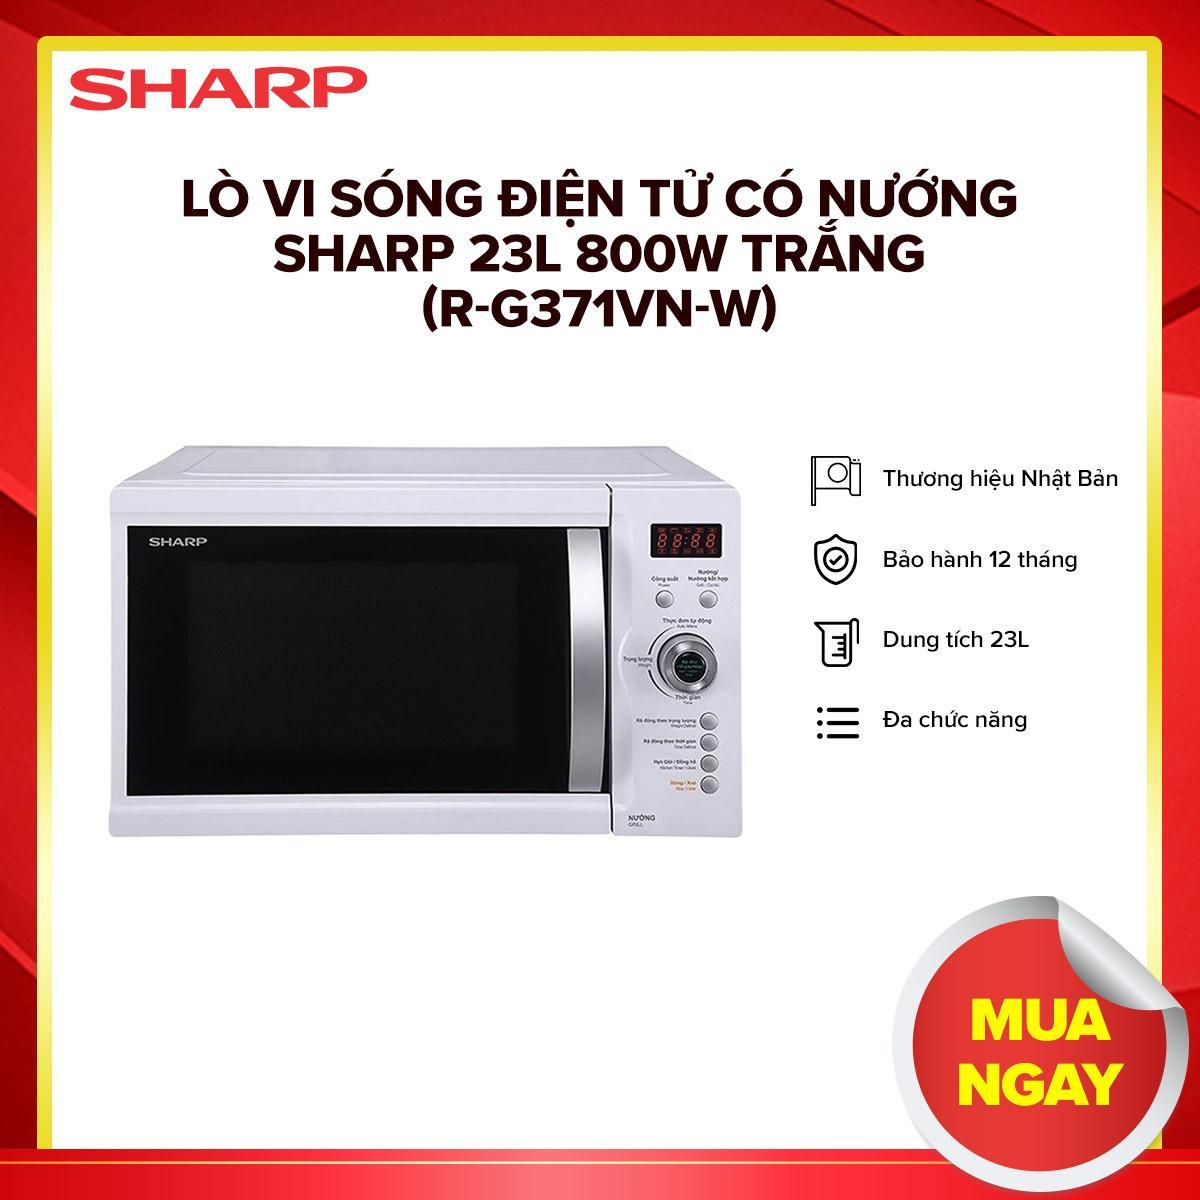 Lò vi sóng điện tử có nướng Sharp 23L 800W Trắng (R-G371VN-W) - Hàng phân phối chính hãng, 5 công suất vi sóng